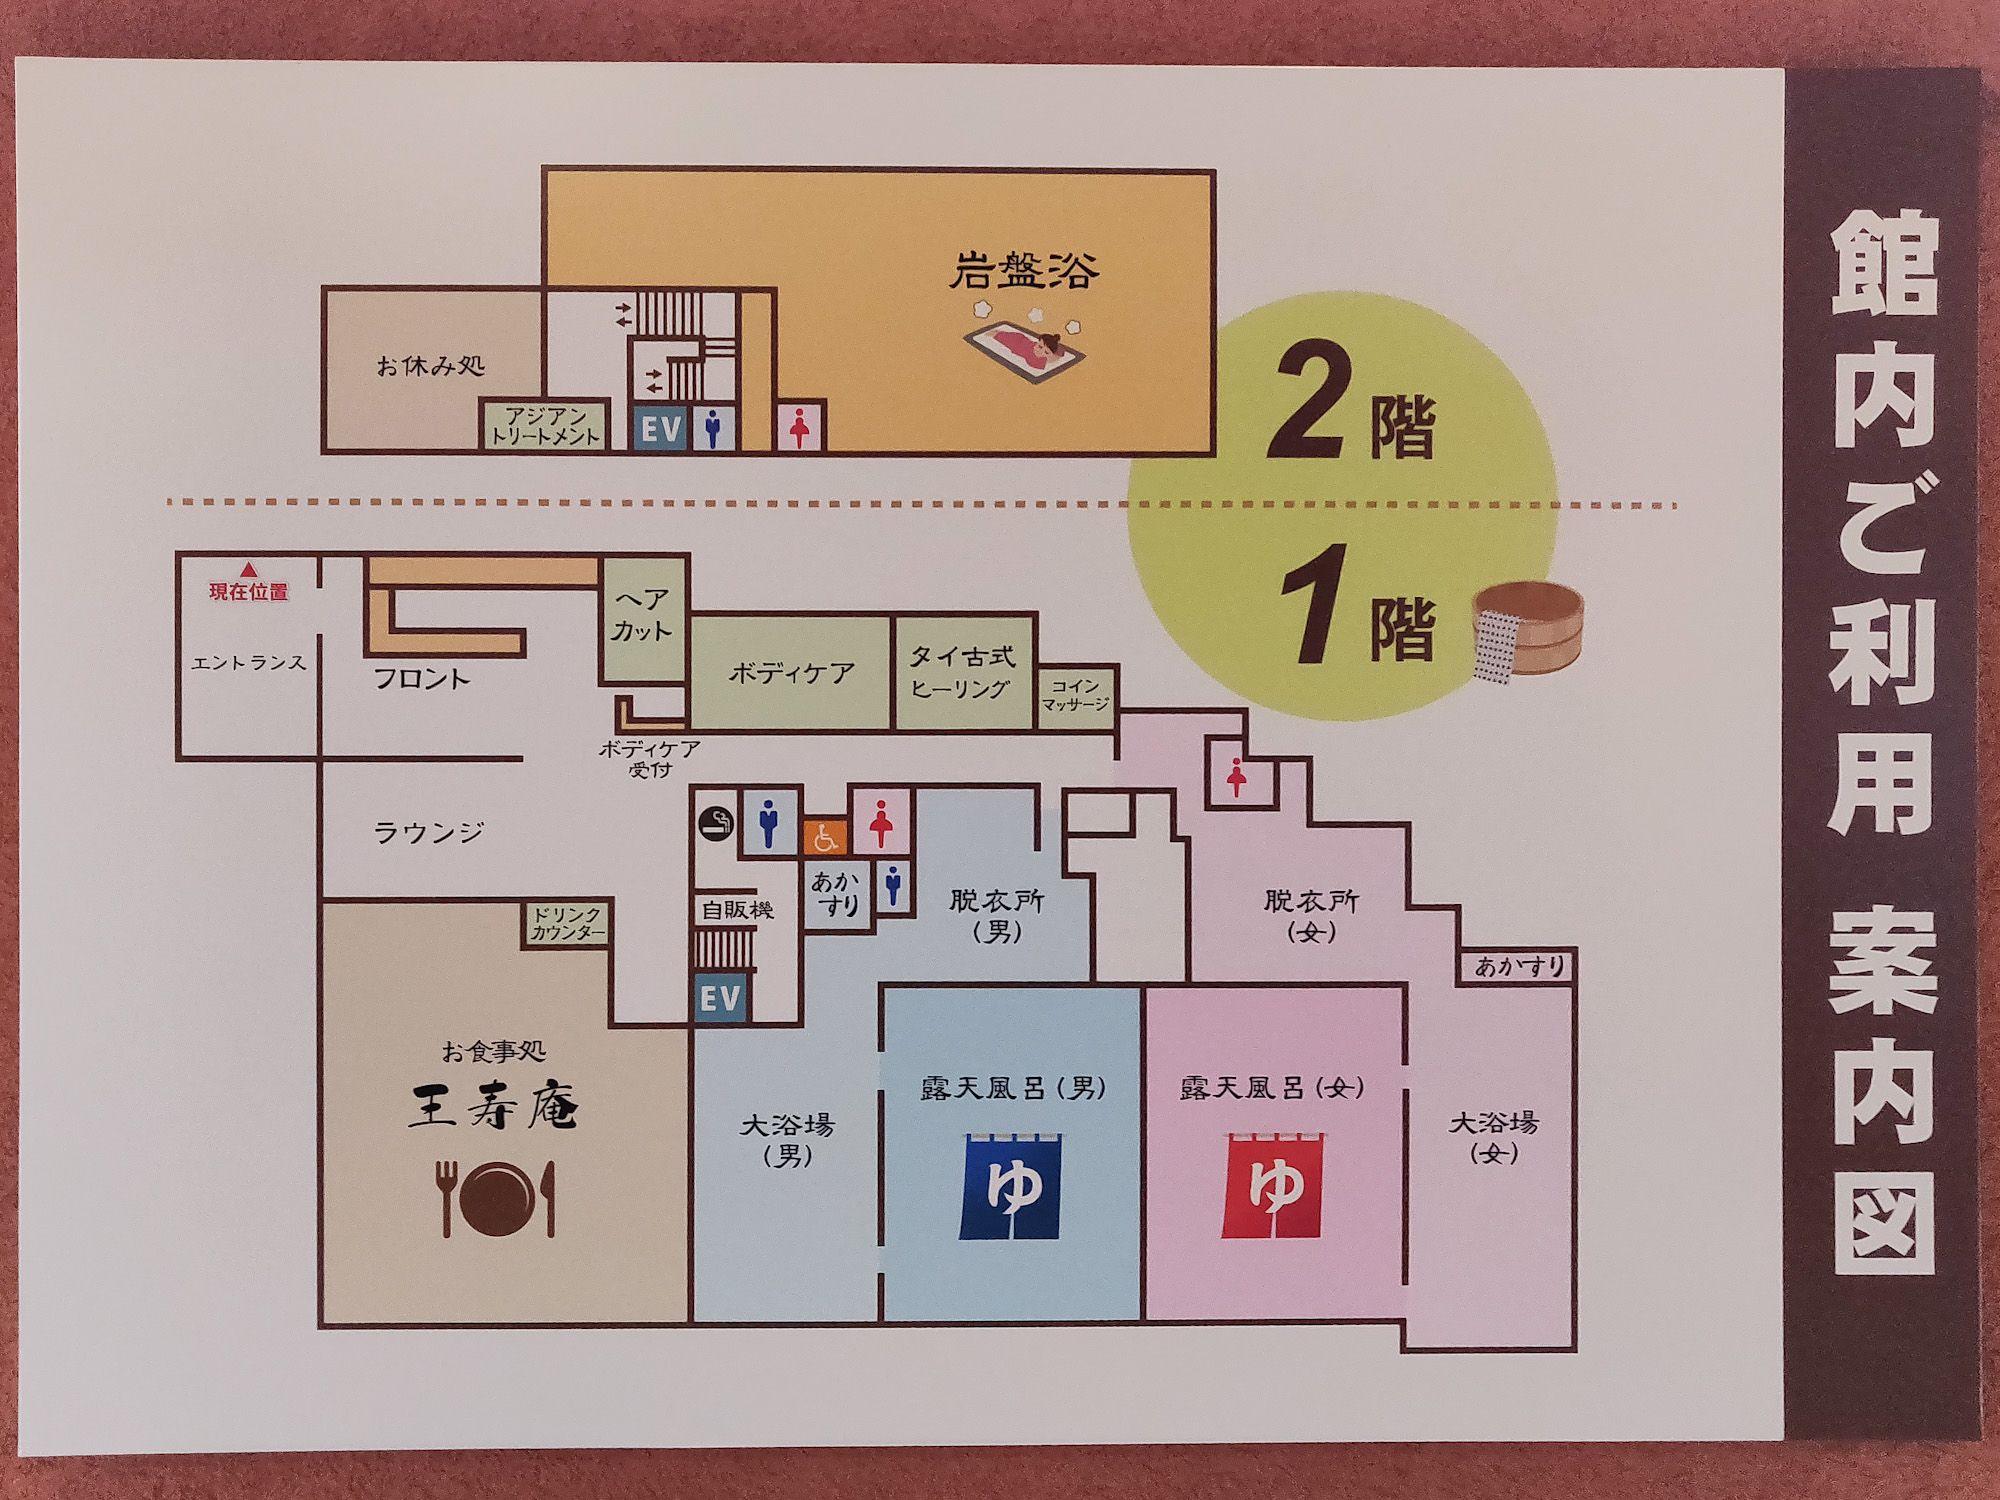 おふろの王様 花小金井店 館内図